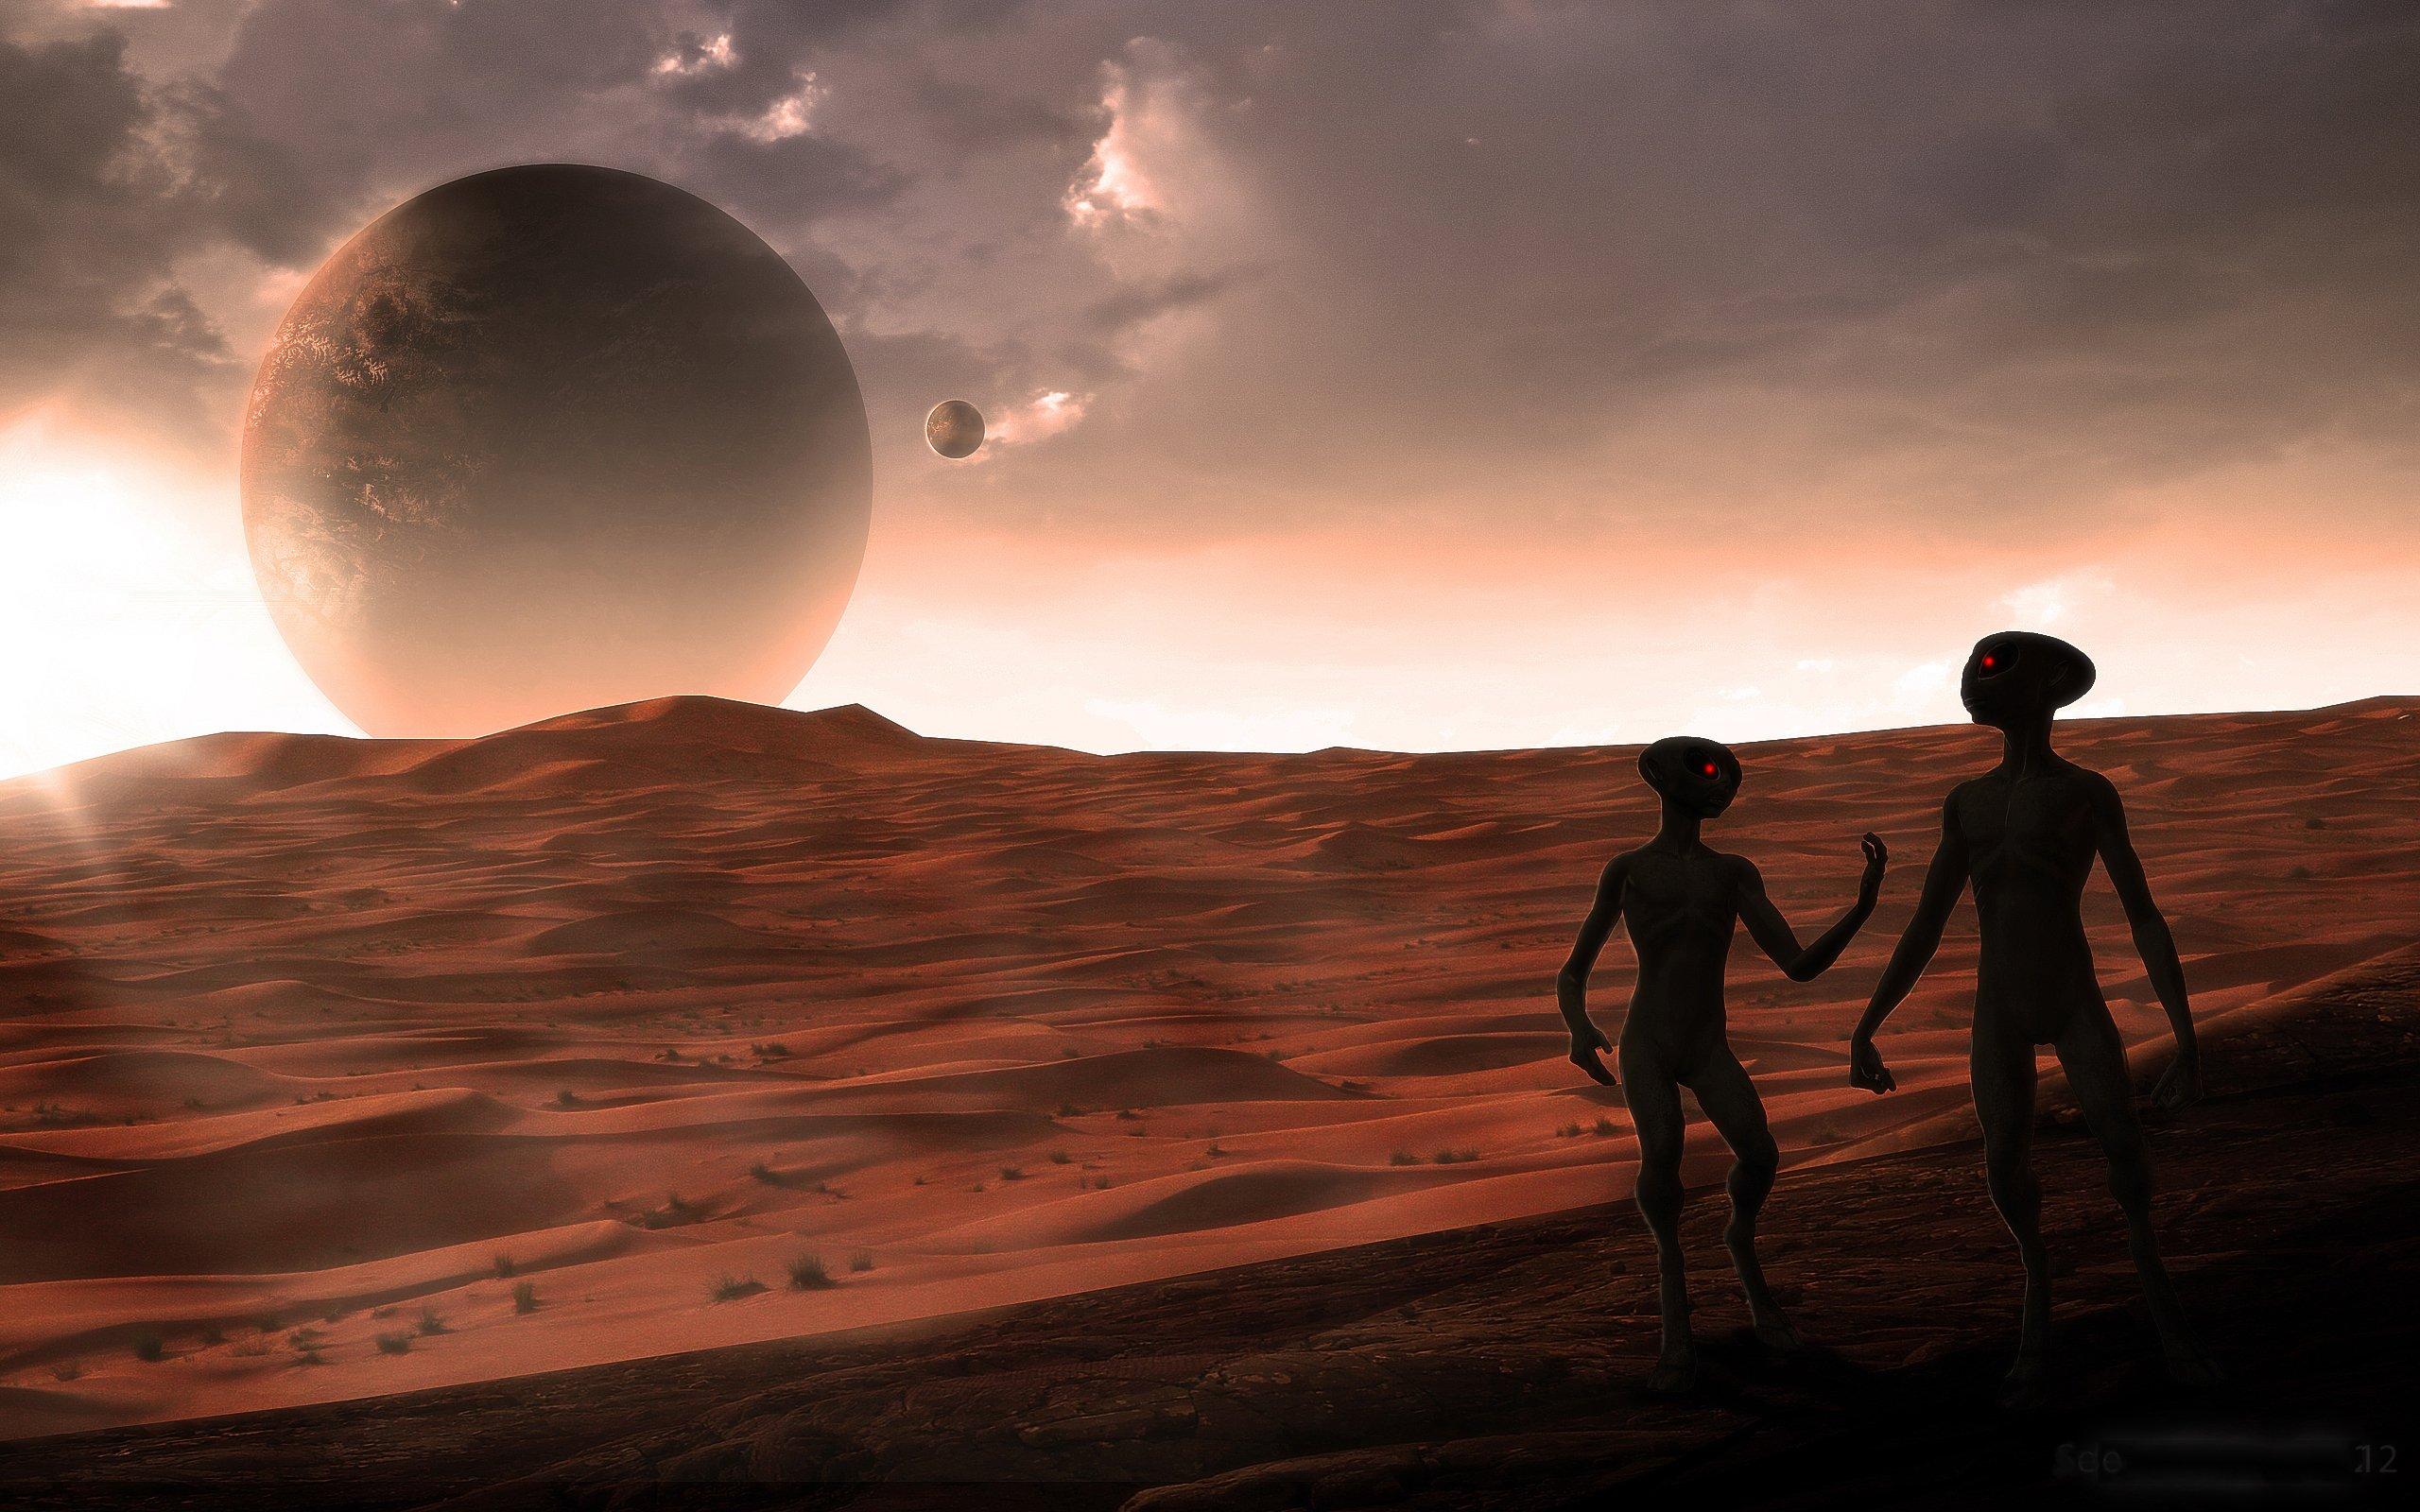 Fond d'écran : 2560x1600 px, extraterrestres, planète, science fiction 2560x1600 - goodfon ...